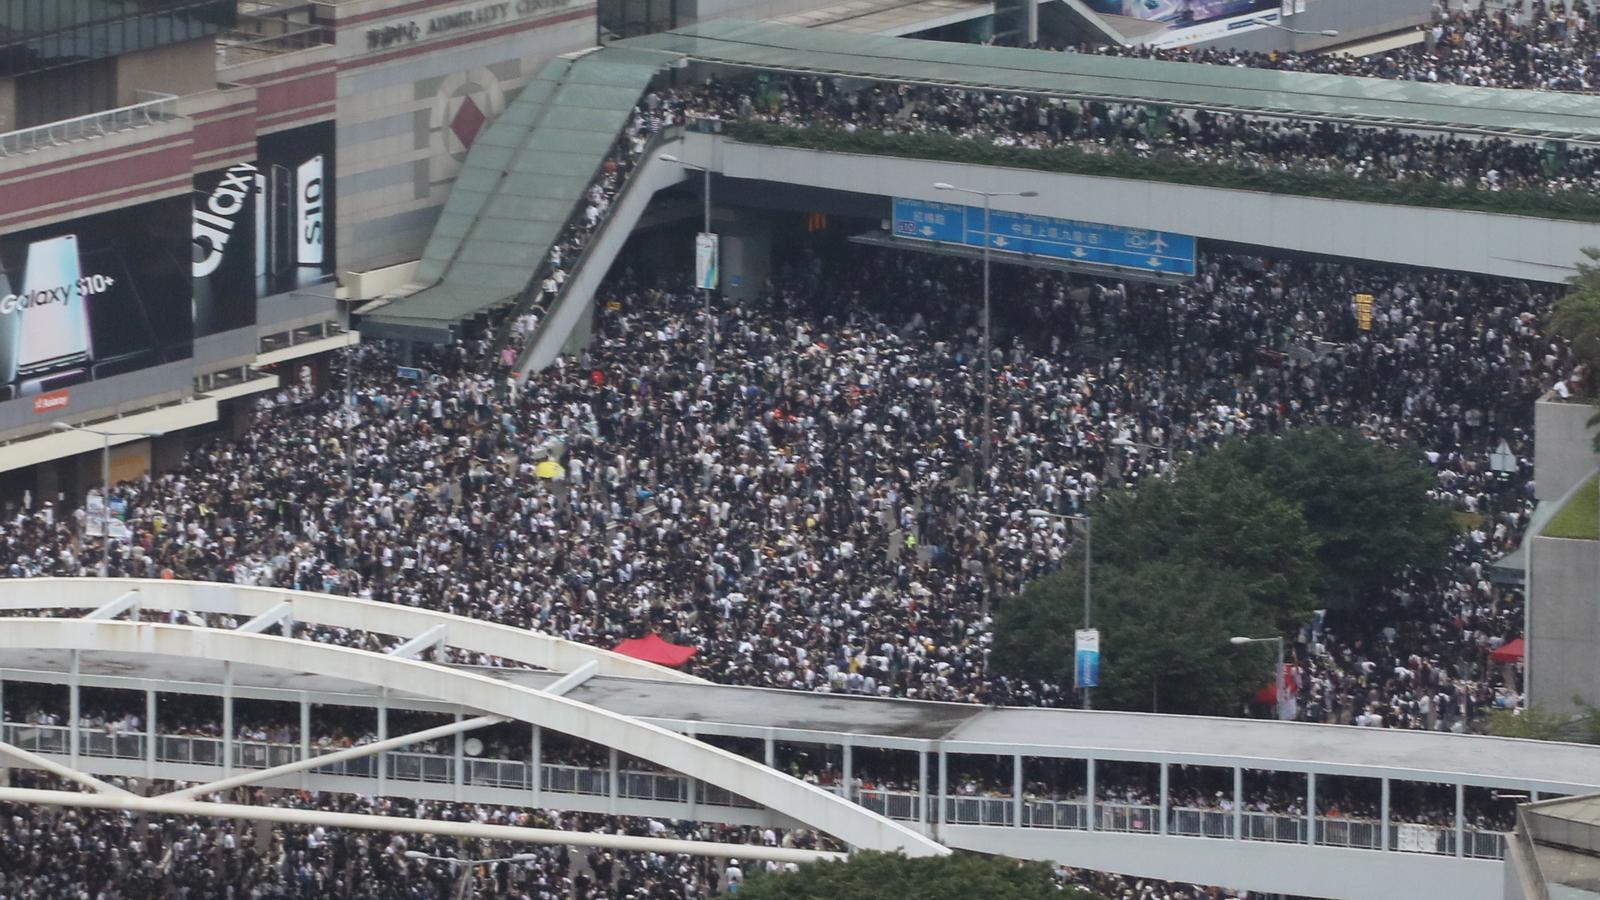 Hong Kong ajorna el debat per l'extradició davant de les massives protestes